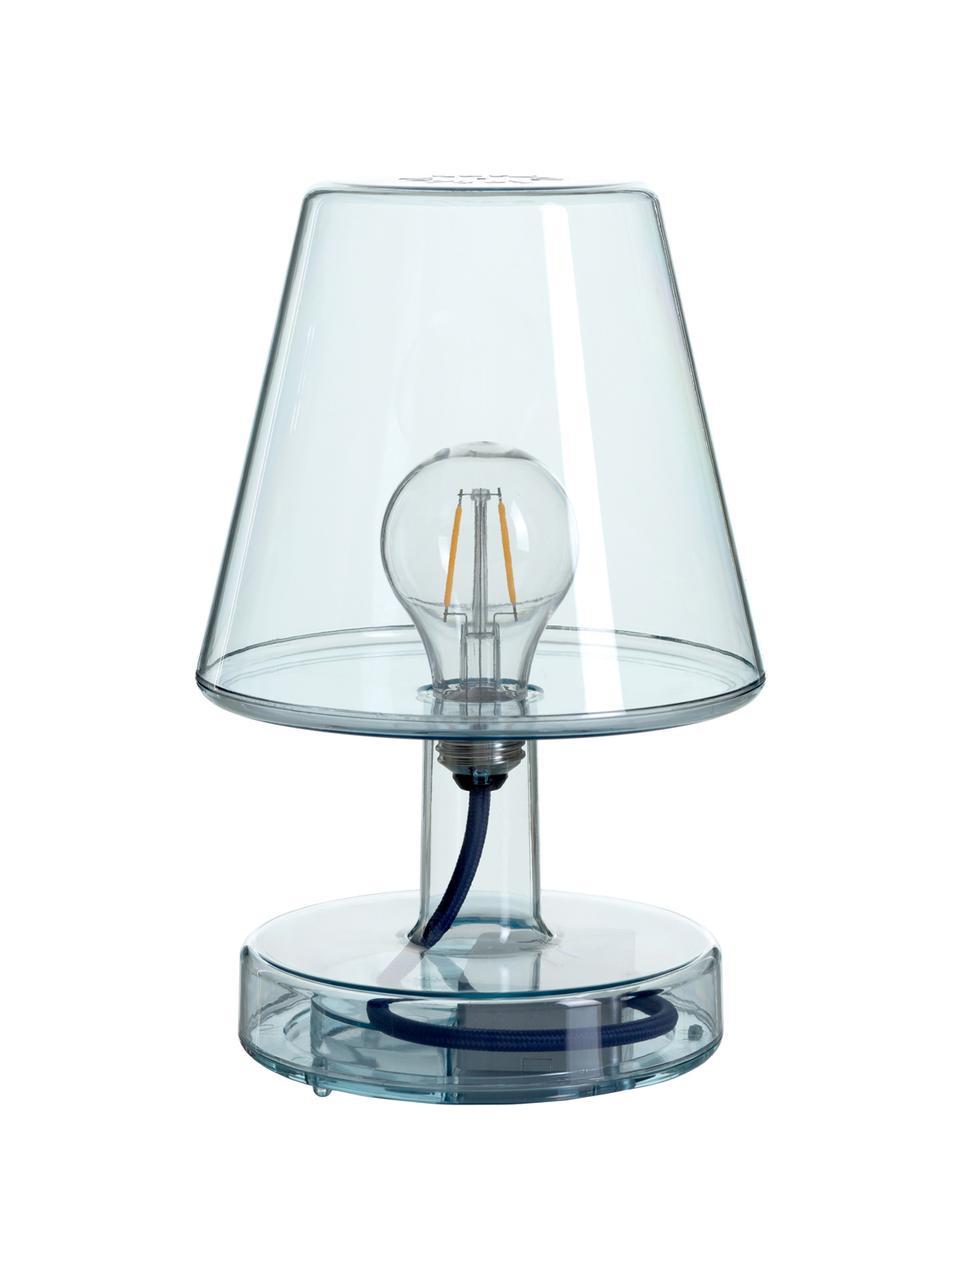 Mobile LED-Tischleuchte Transloetje, Kunststoff, Blau, transparent, Ø 17 x H 27 cm